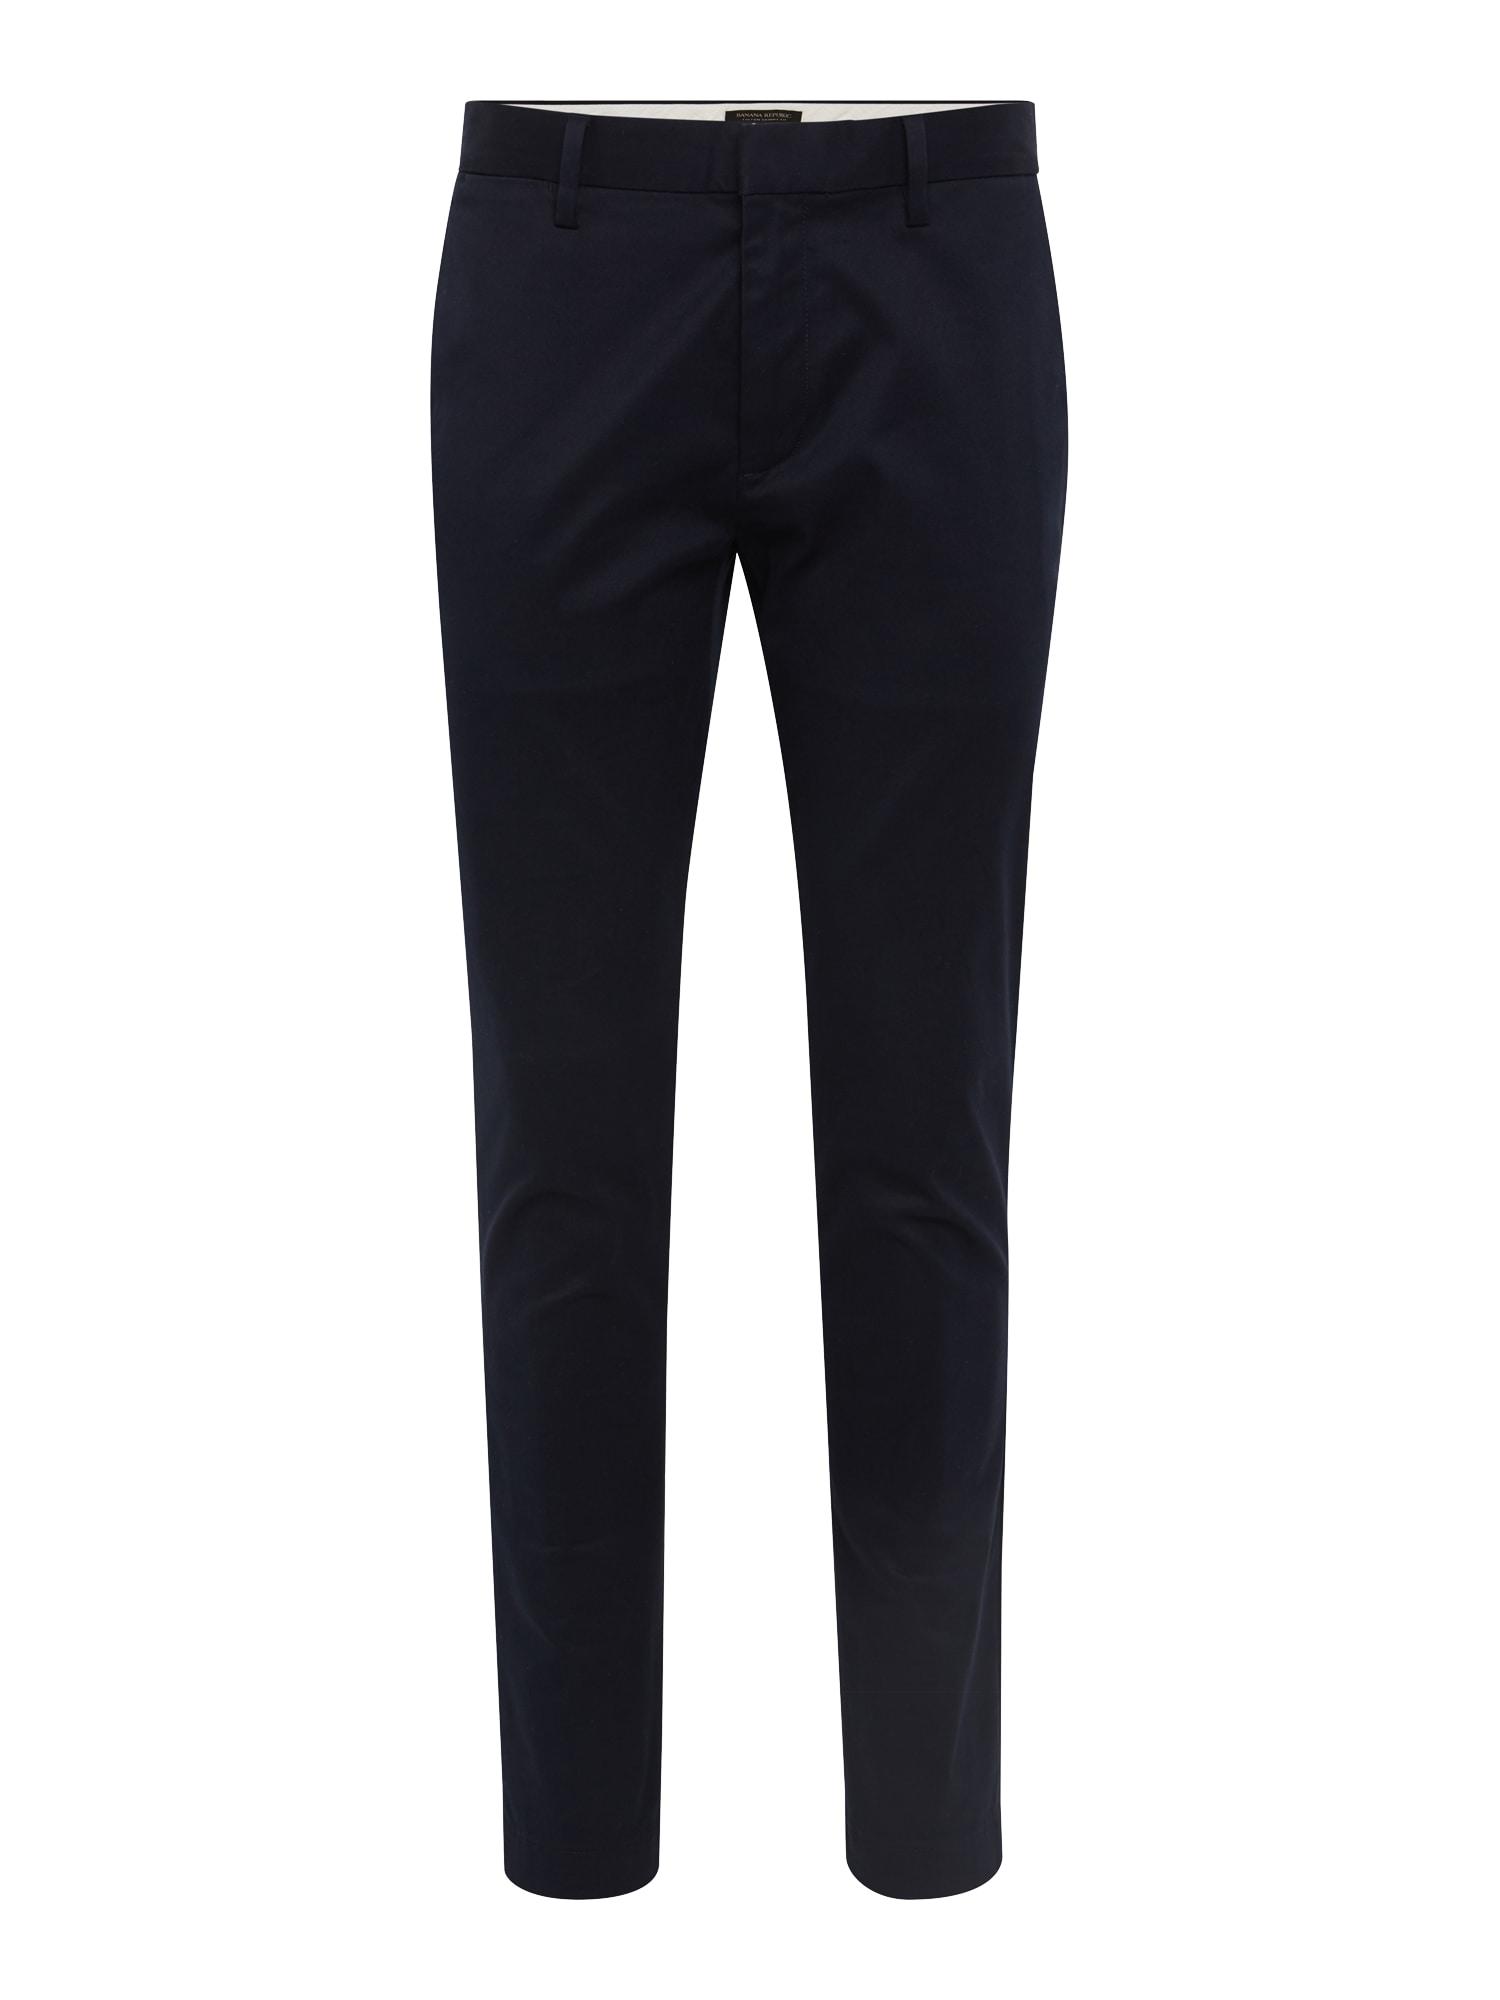 Chino kalhoty FULTON RMC námořnická modř Banana Republic